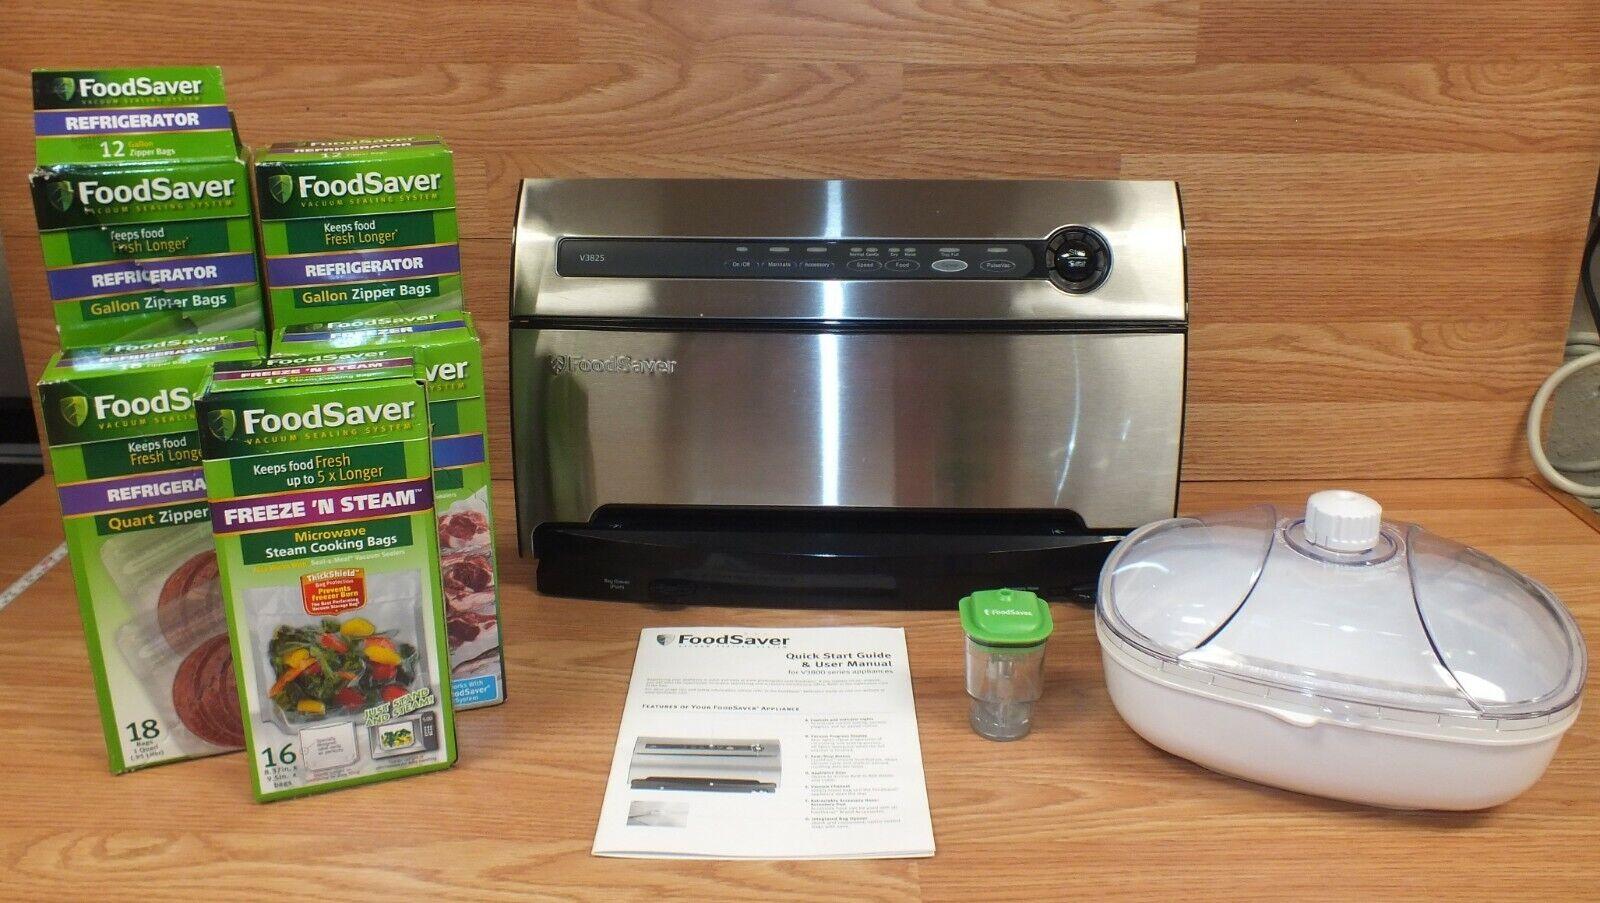 Genuine Food Saver (V3825) inoxydable scelleuse sous vide pour conserver les aliments frais  + extras